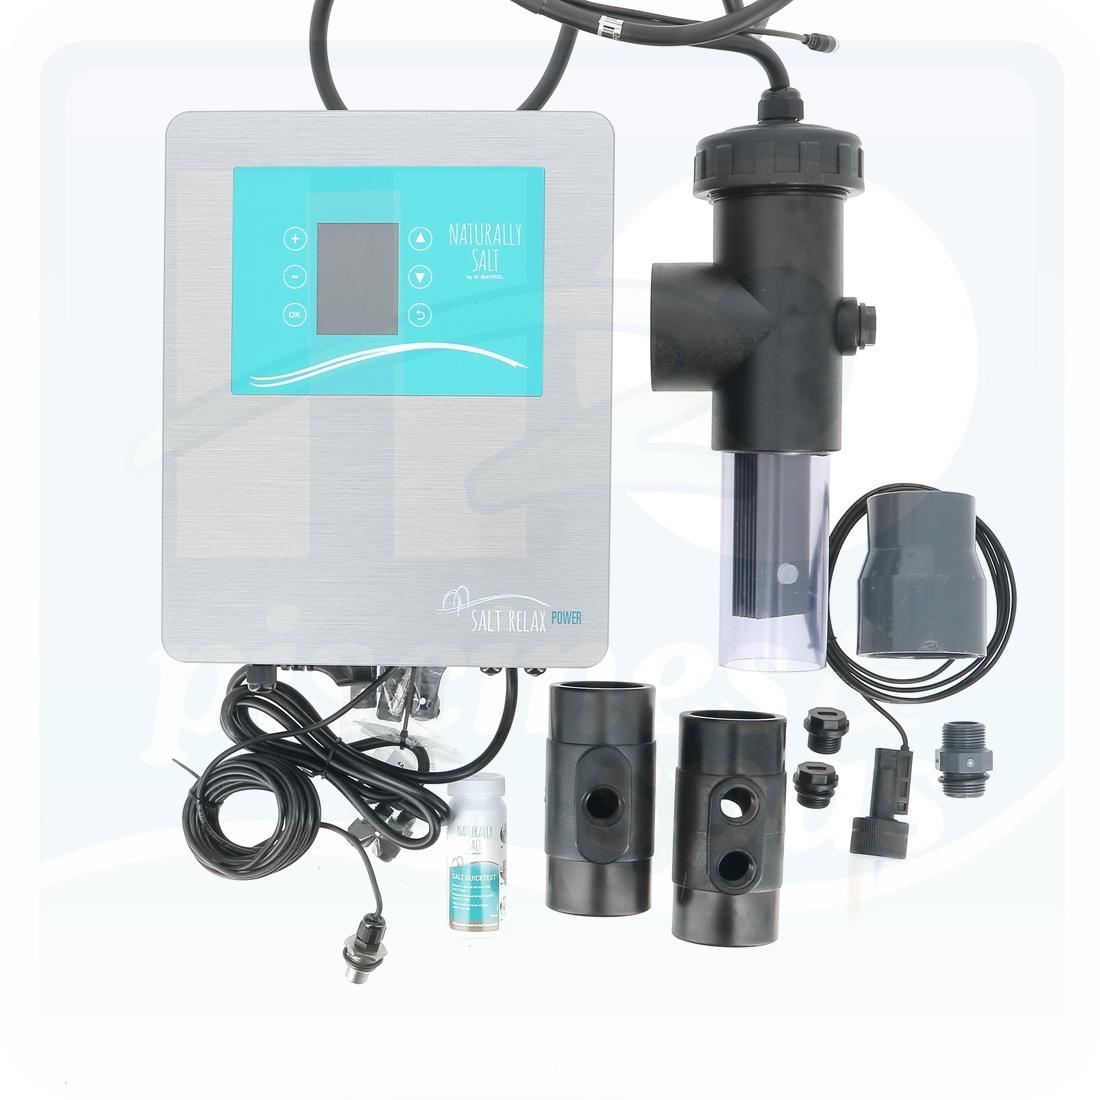 Electrolyseur Au Sel Bayrol Salt Relax Power Pour Piscine Jusqu'à 170 M3 -  H2O Piscines & Spas intérieur Electrolyseur Sel Piscine